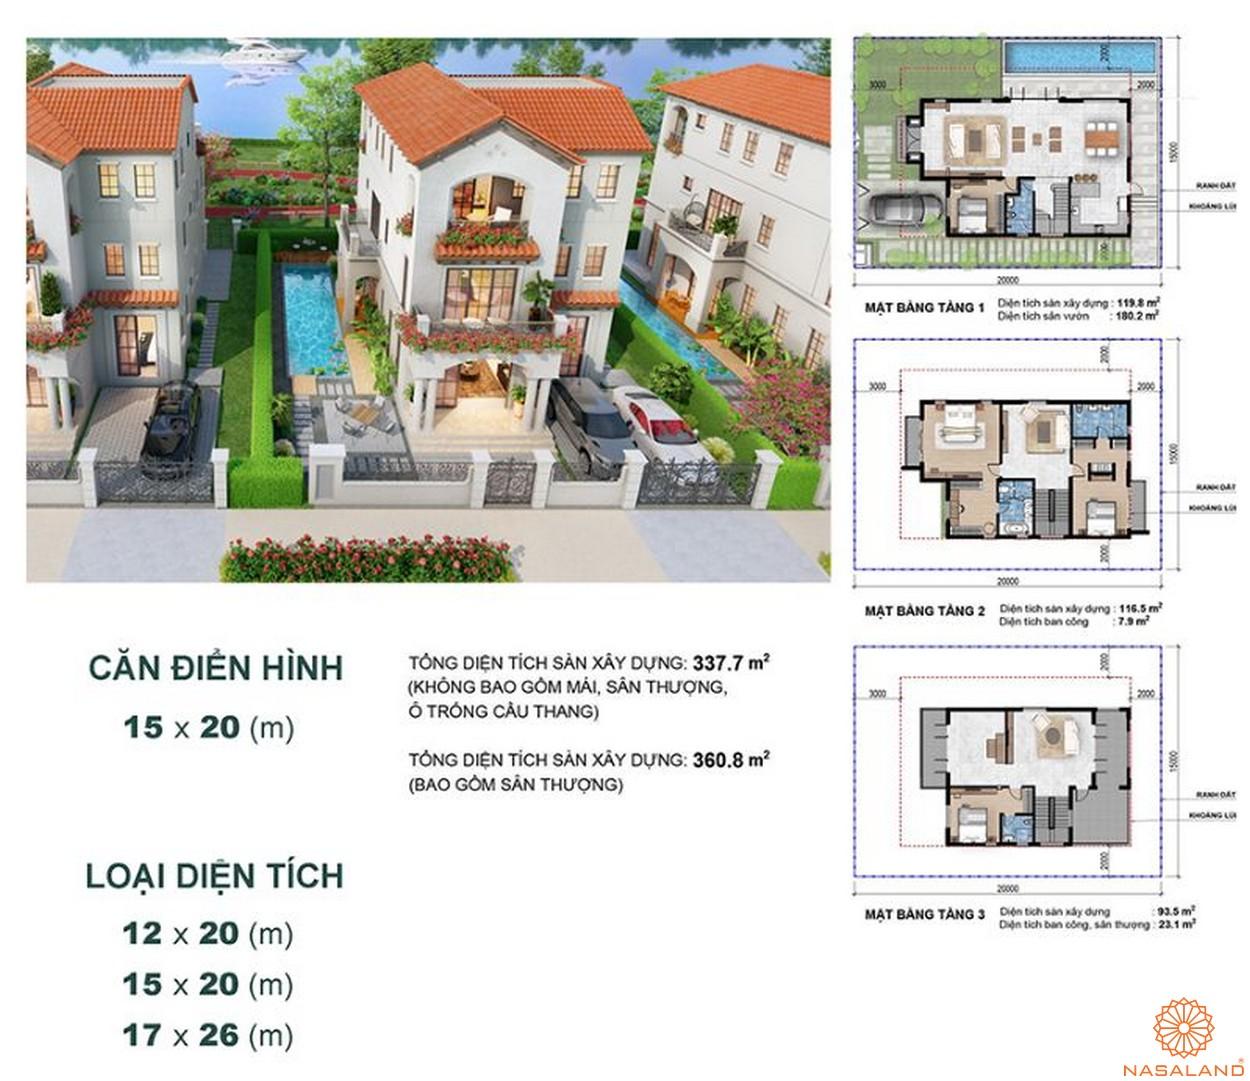 Thiết kế dự án biệt thự Aqua City Đảo Phượng Hoàng Đồng Nai - biệt thự đơn lập